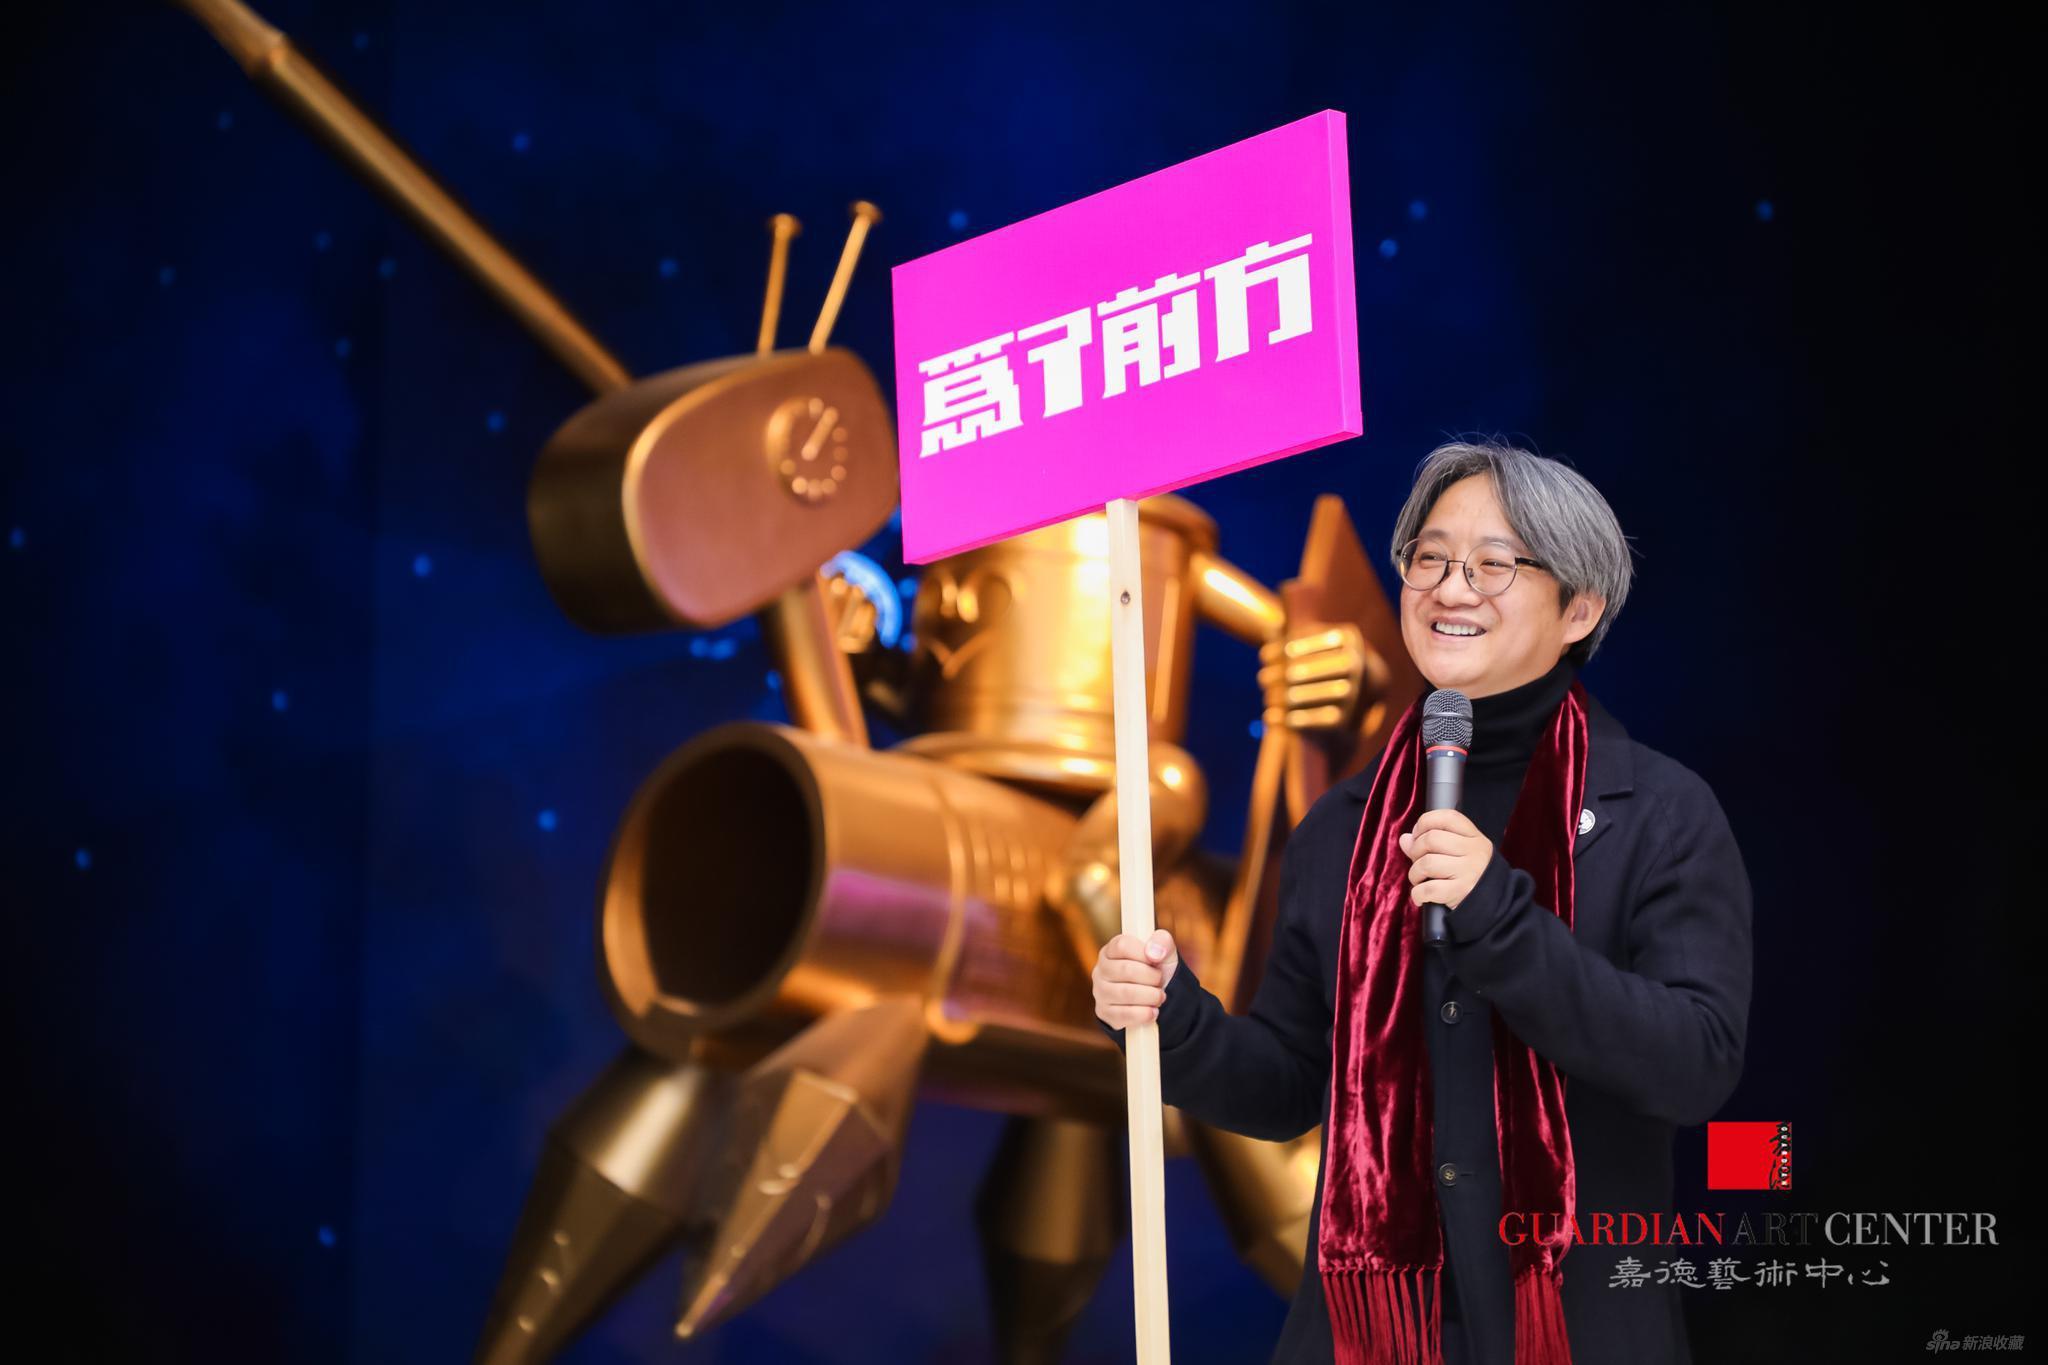 本次展覽策展人、北京畫院院長、北京畫院美術館館長吳洪亮先生